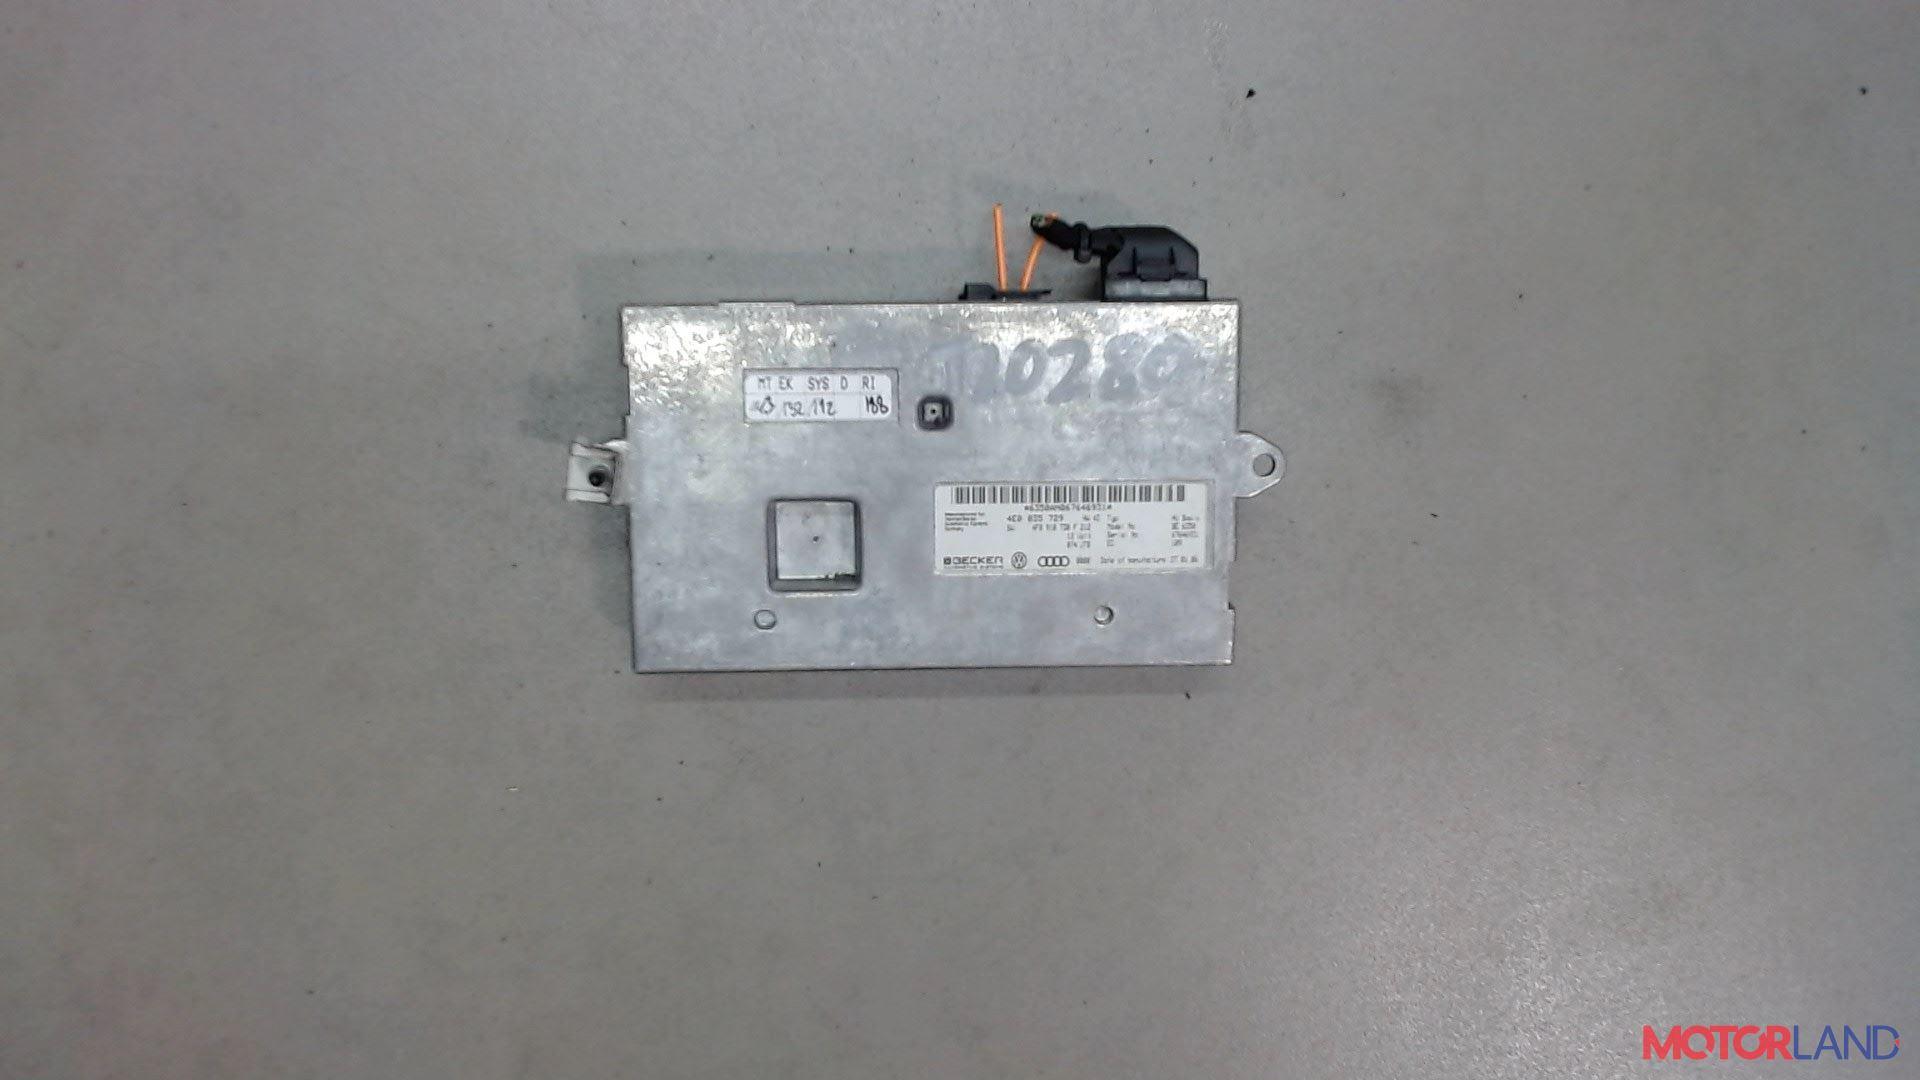 Блок управления (ЭБУ) Audi A6 (C6) 2005-2011 3 л. 2006 BMK б/у #1